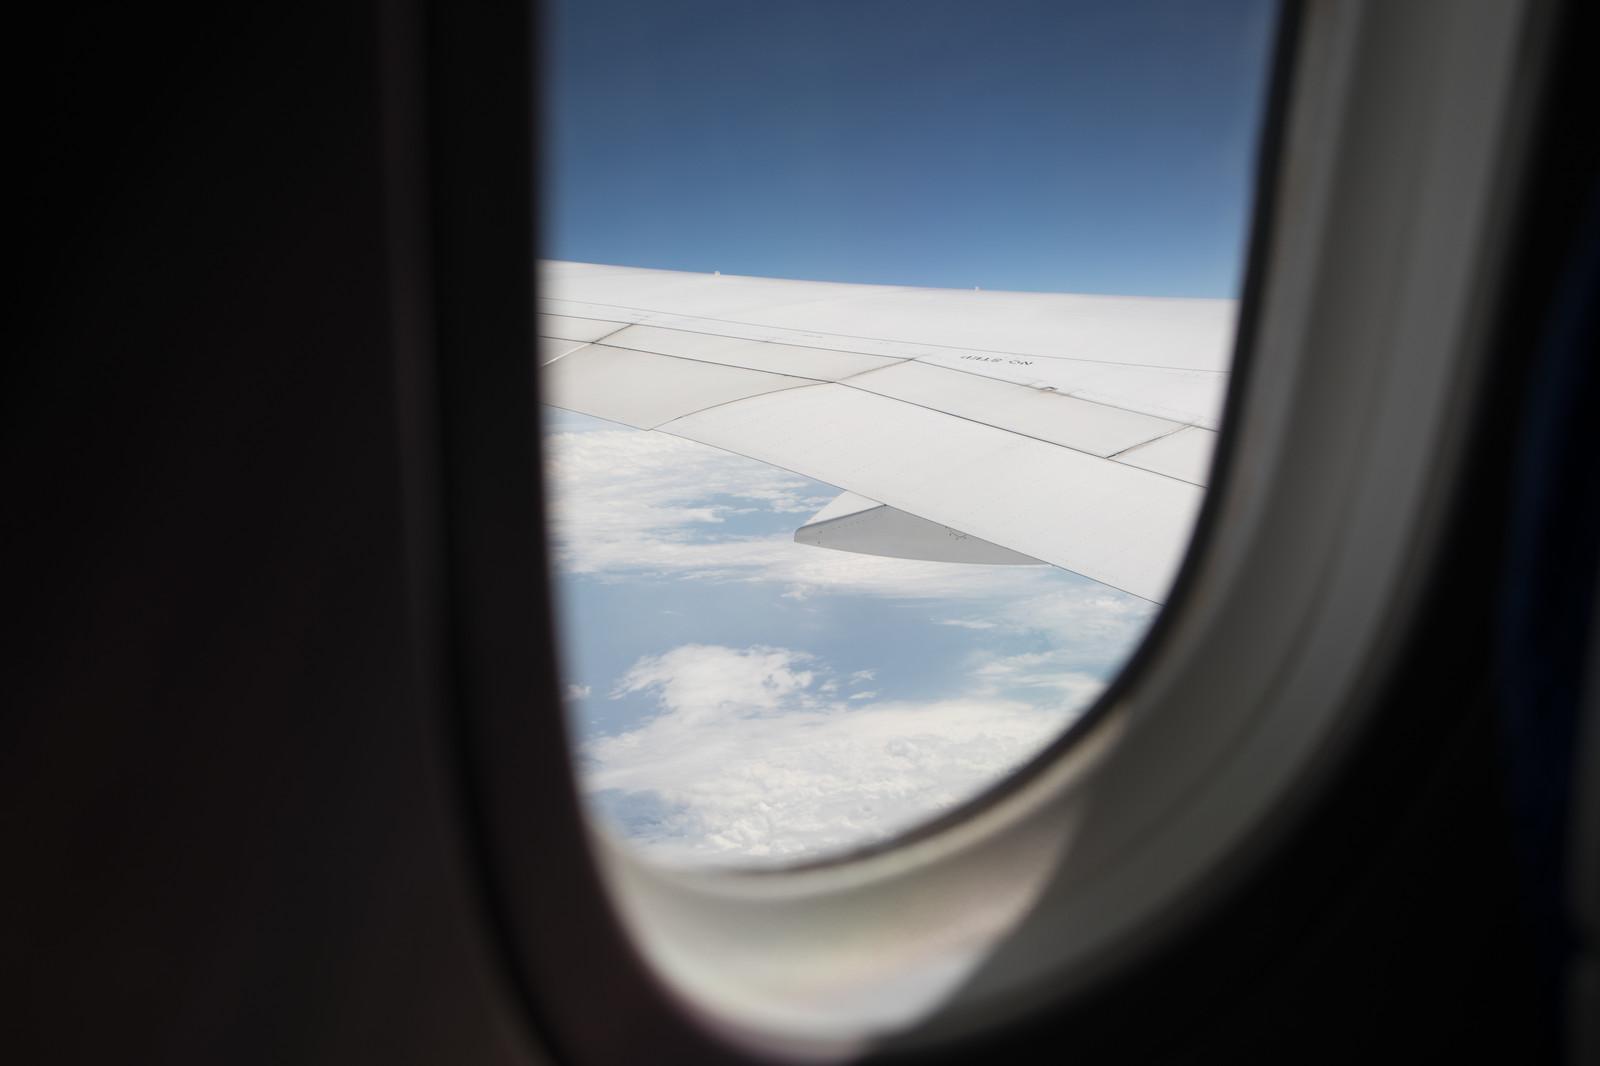 全日本空輸(ANA)|面接内容と選考プロセスの実態とは